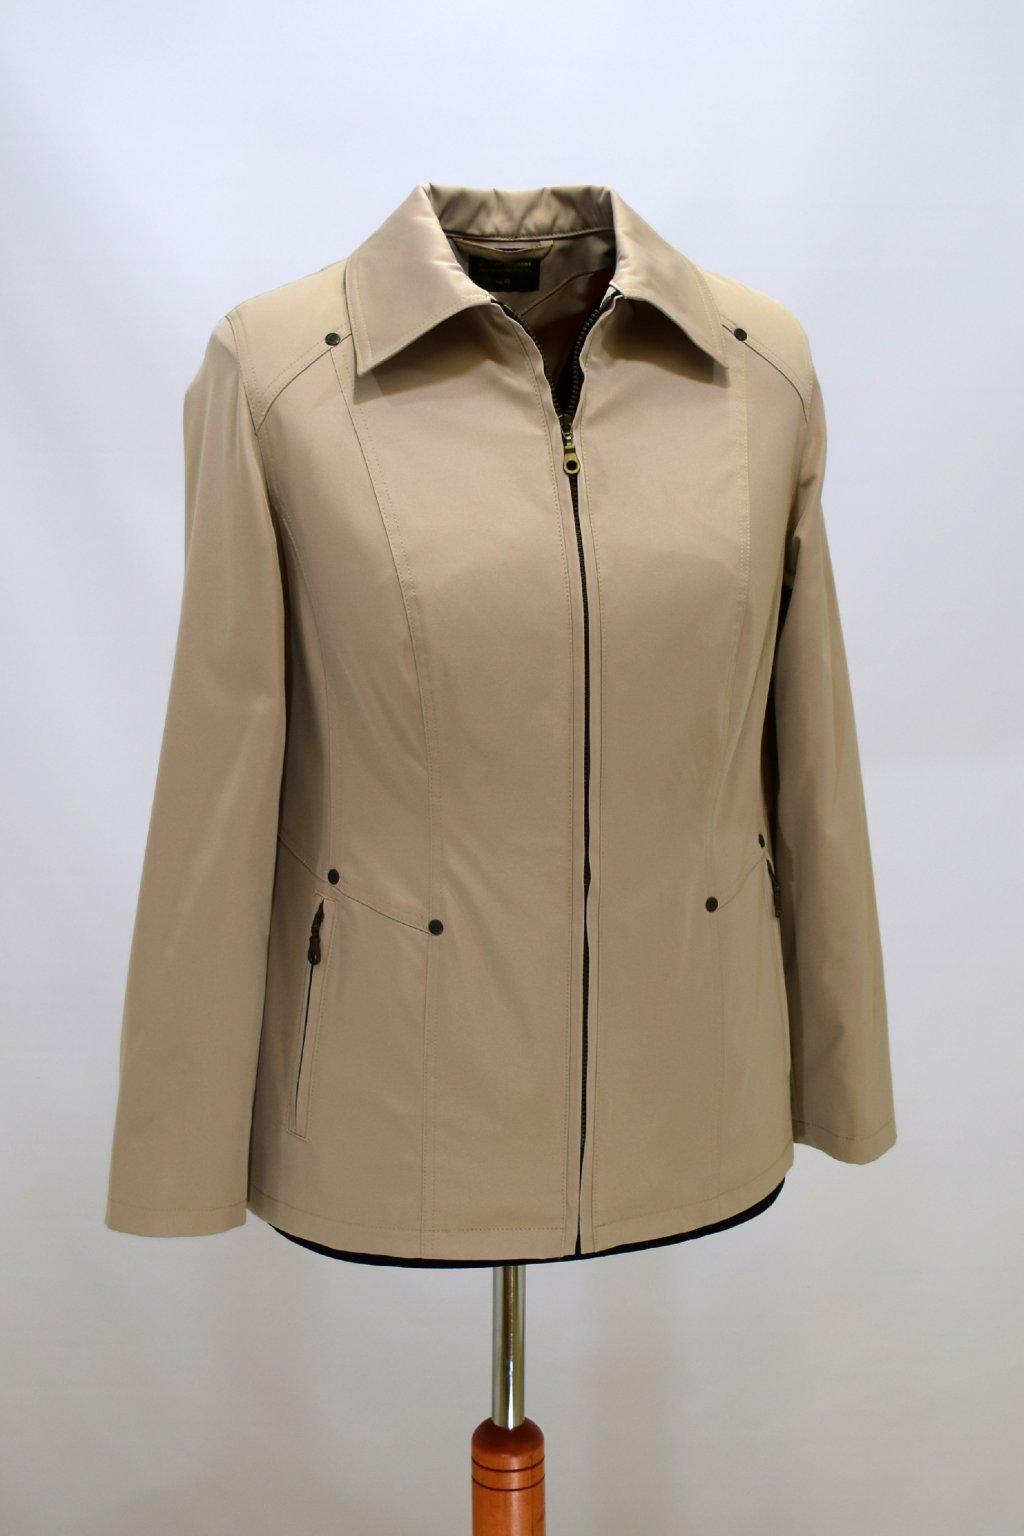 Dámská béžová jarní bunda Hana nadměrné velikosti.